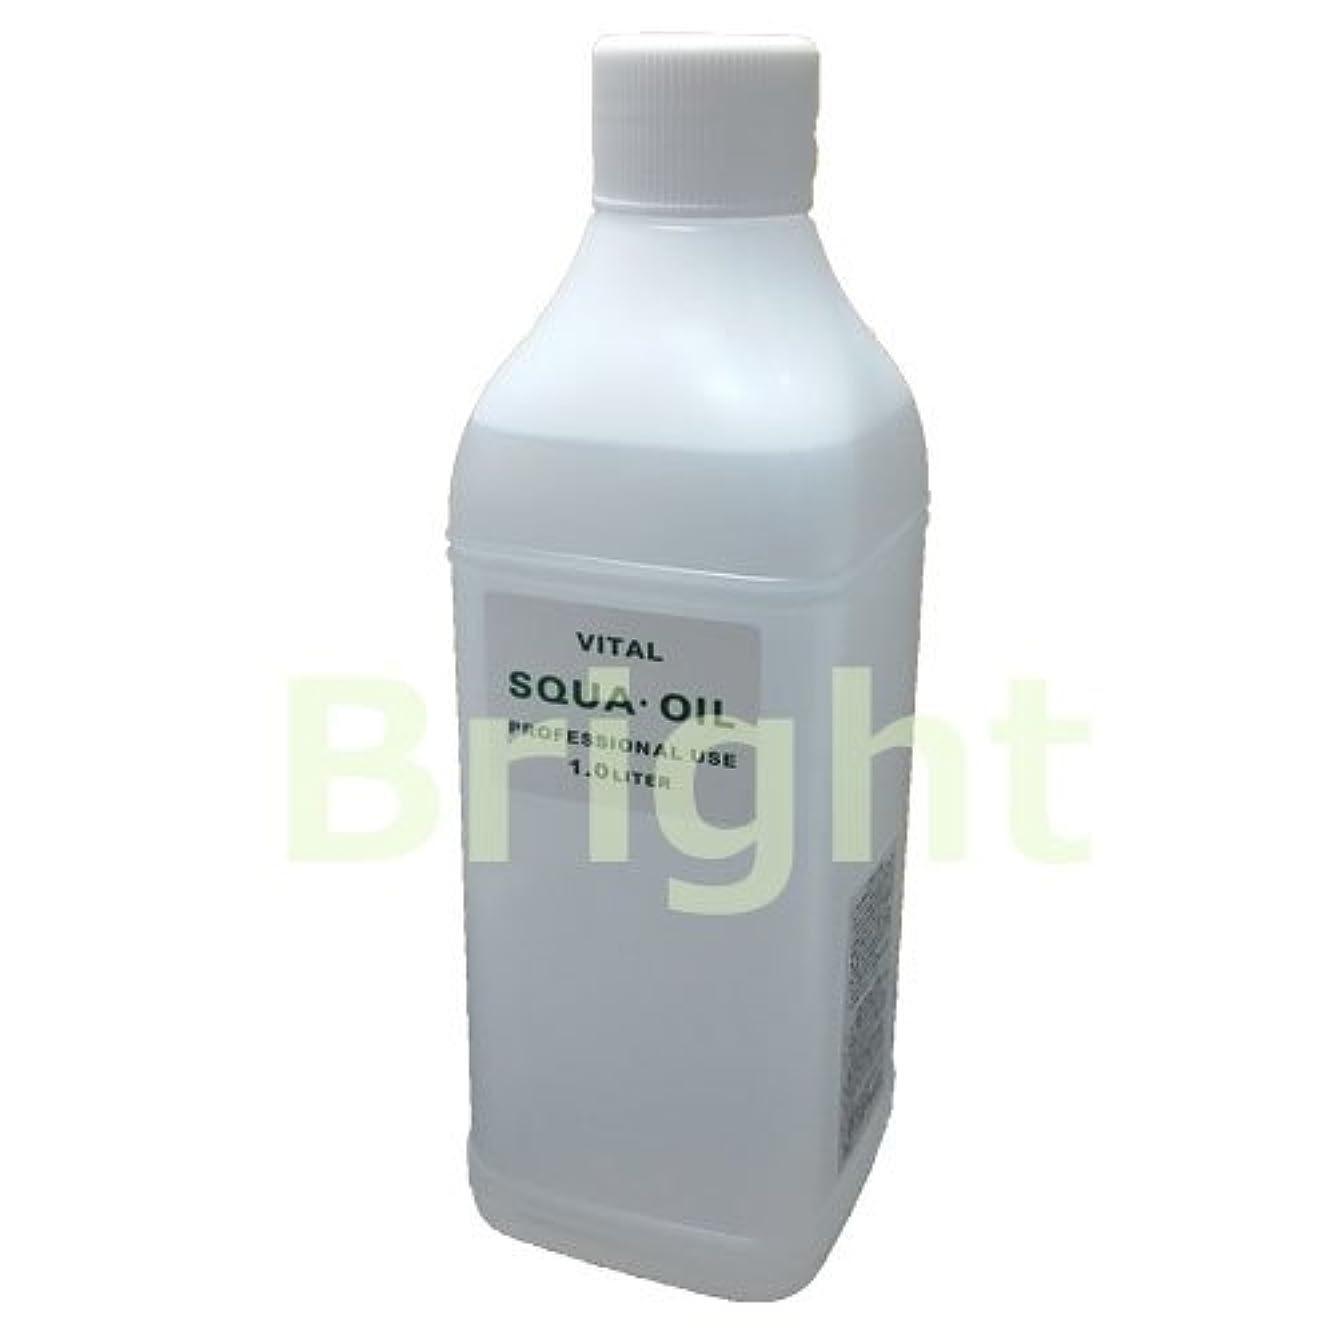 含むアスペクト文明化するバイタルワークス スクアオイル 1000cc (マッサージ用化粧油) ジャパンバイタル